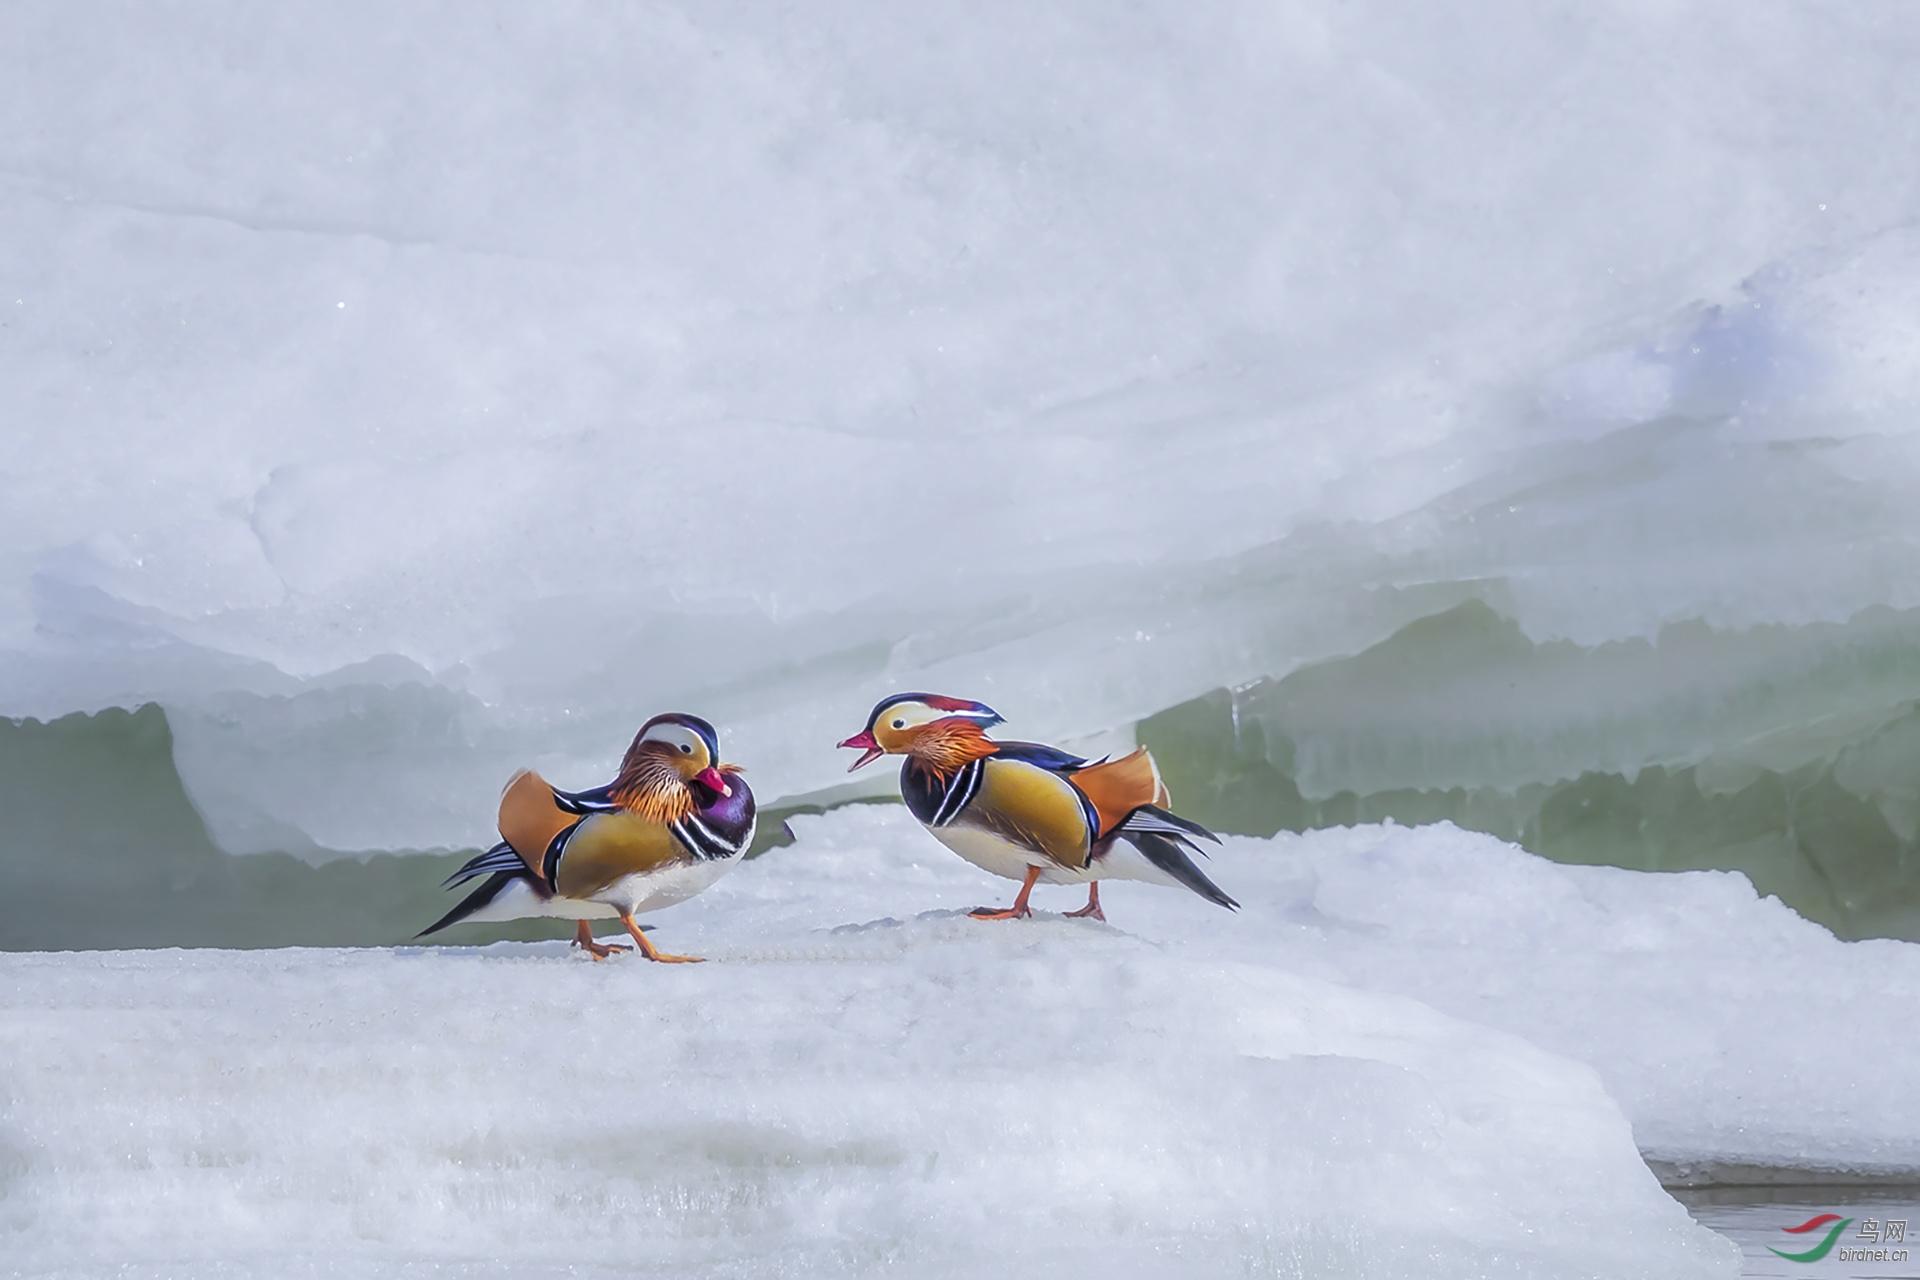 冬天的雪-20200062.08.jpg